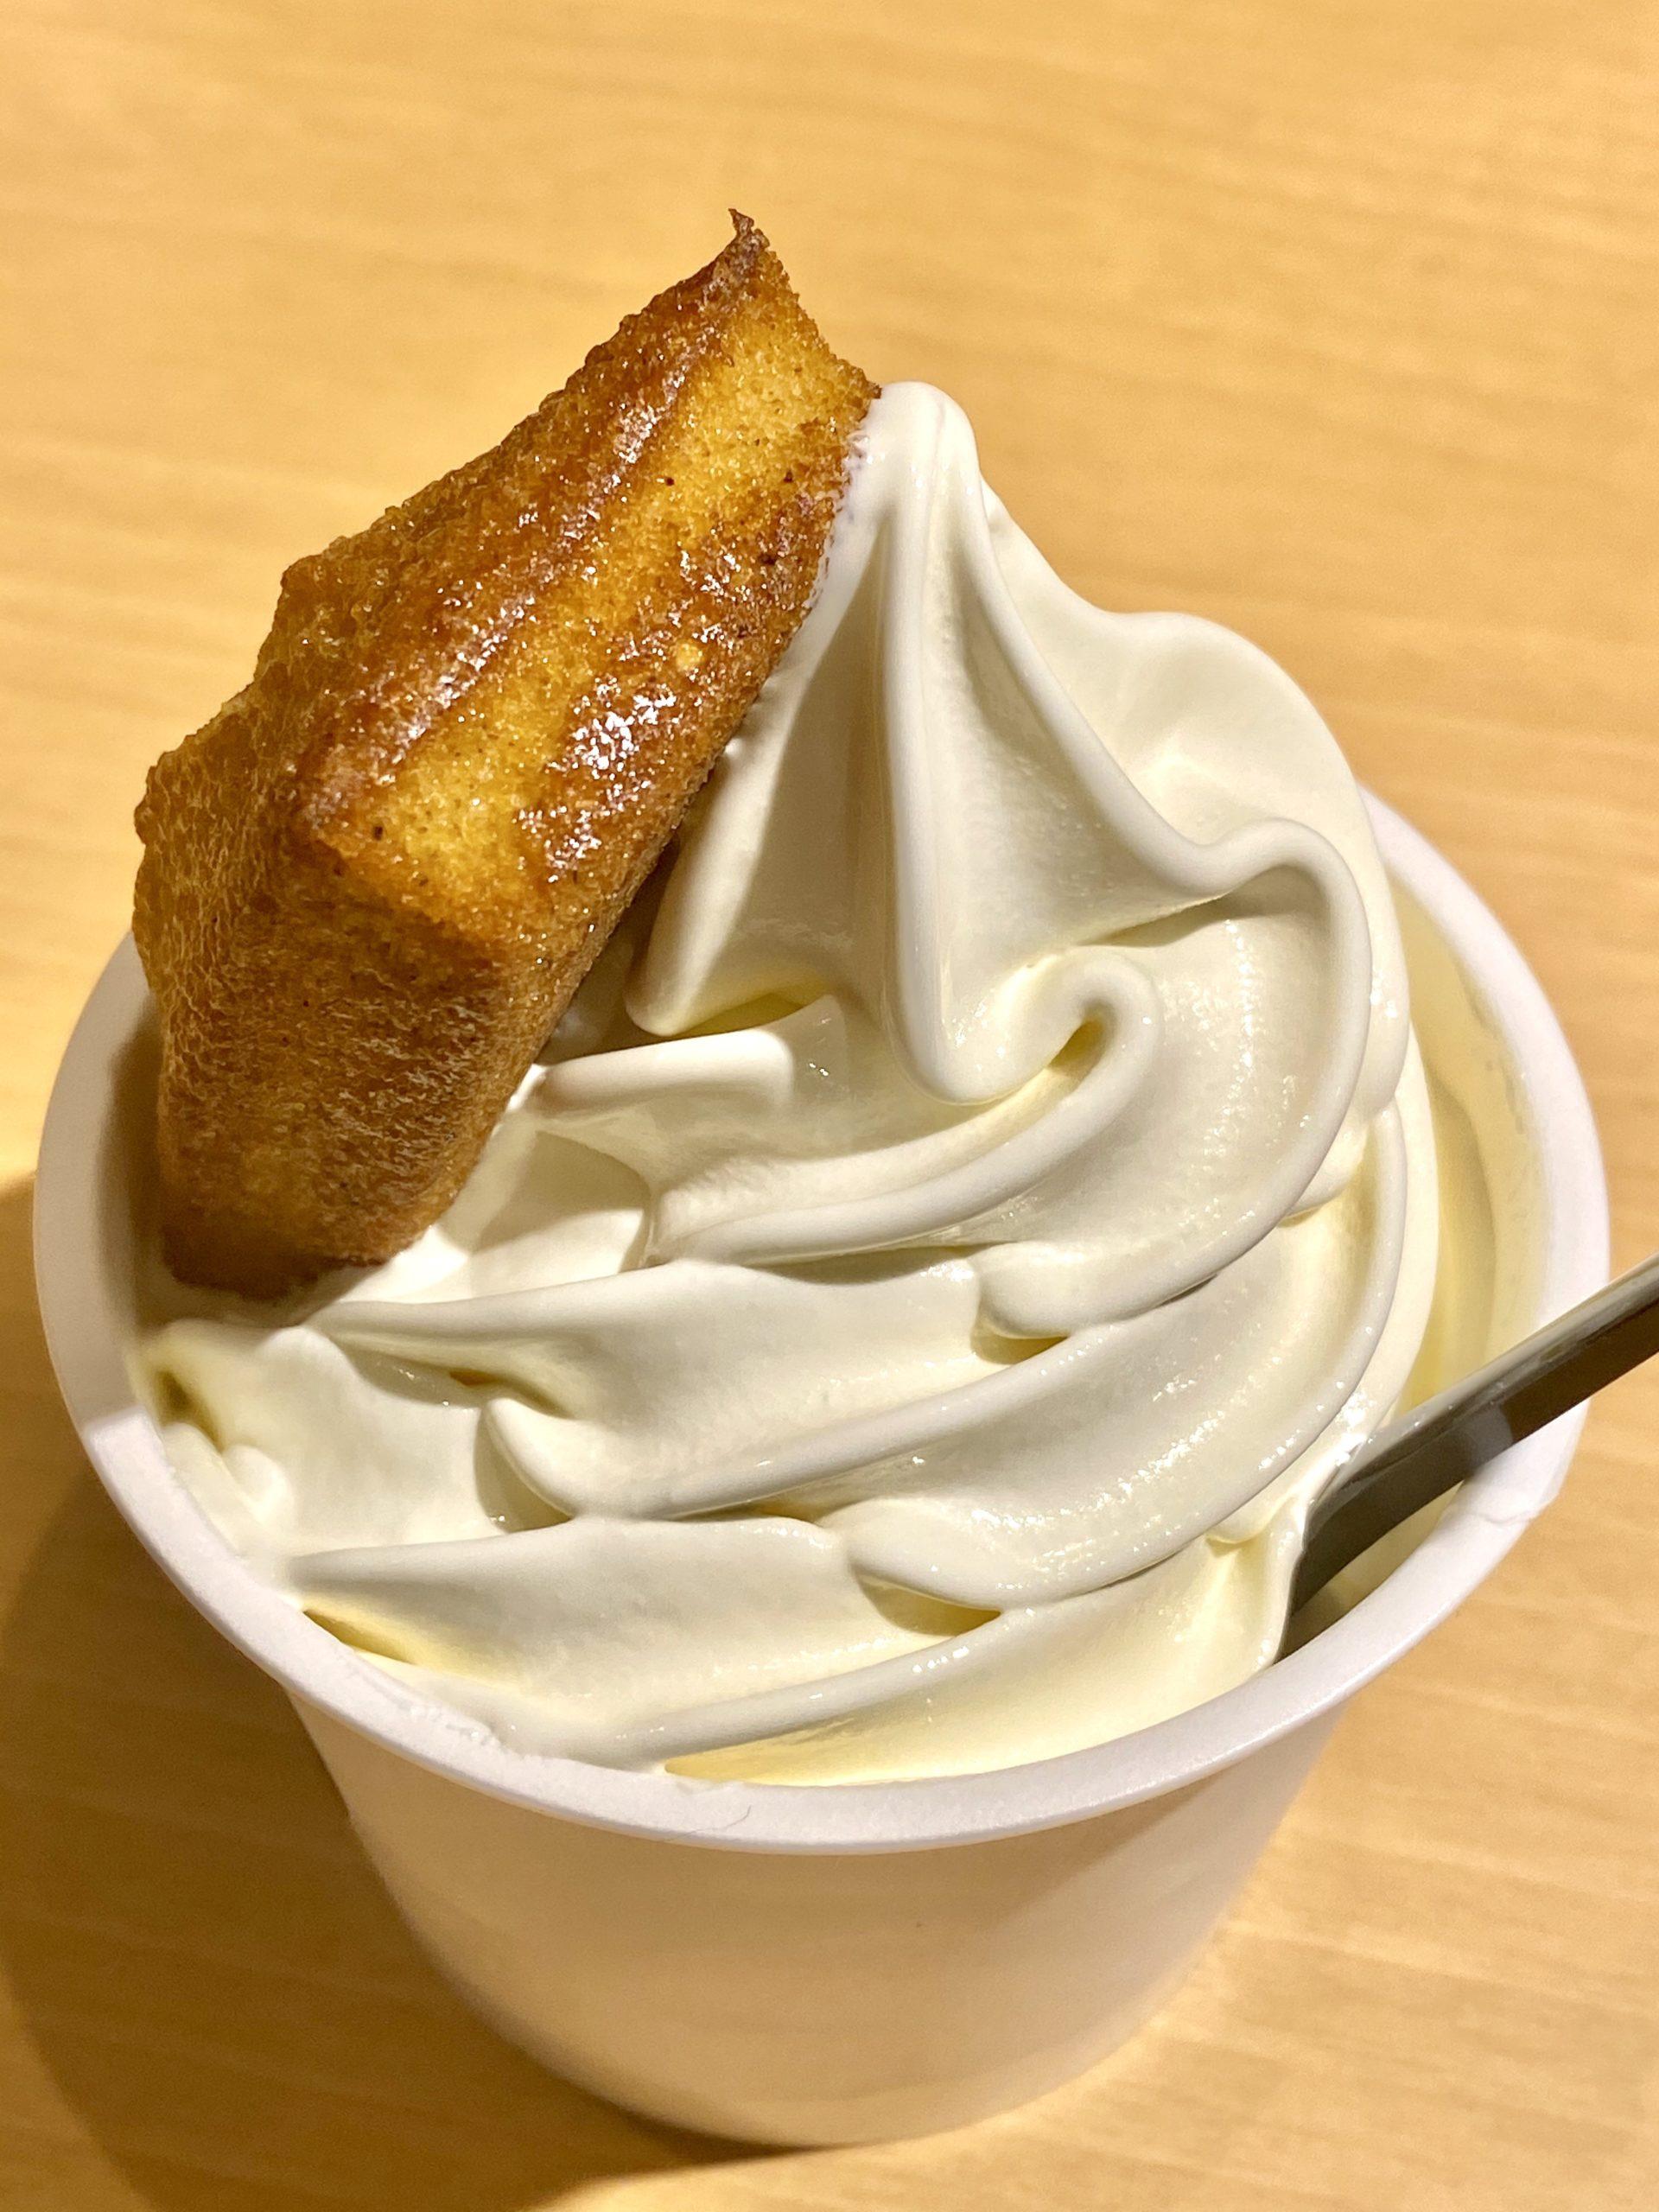 やつどき YATSUDOKI 新宿御苑前 発酵バターソフト&焼き立てフィナンシェ スイーツ ソフトクリーム